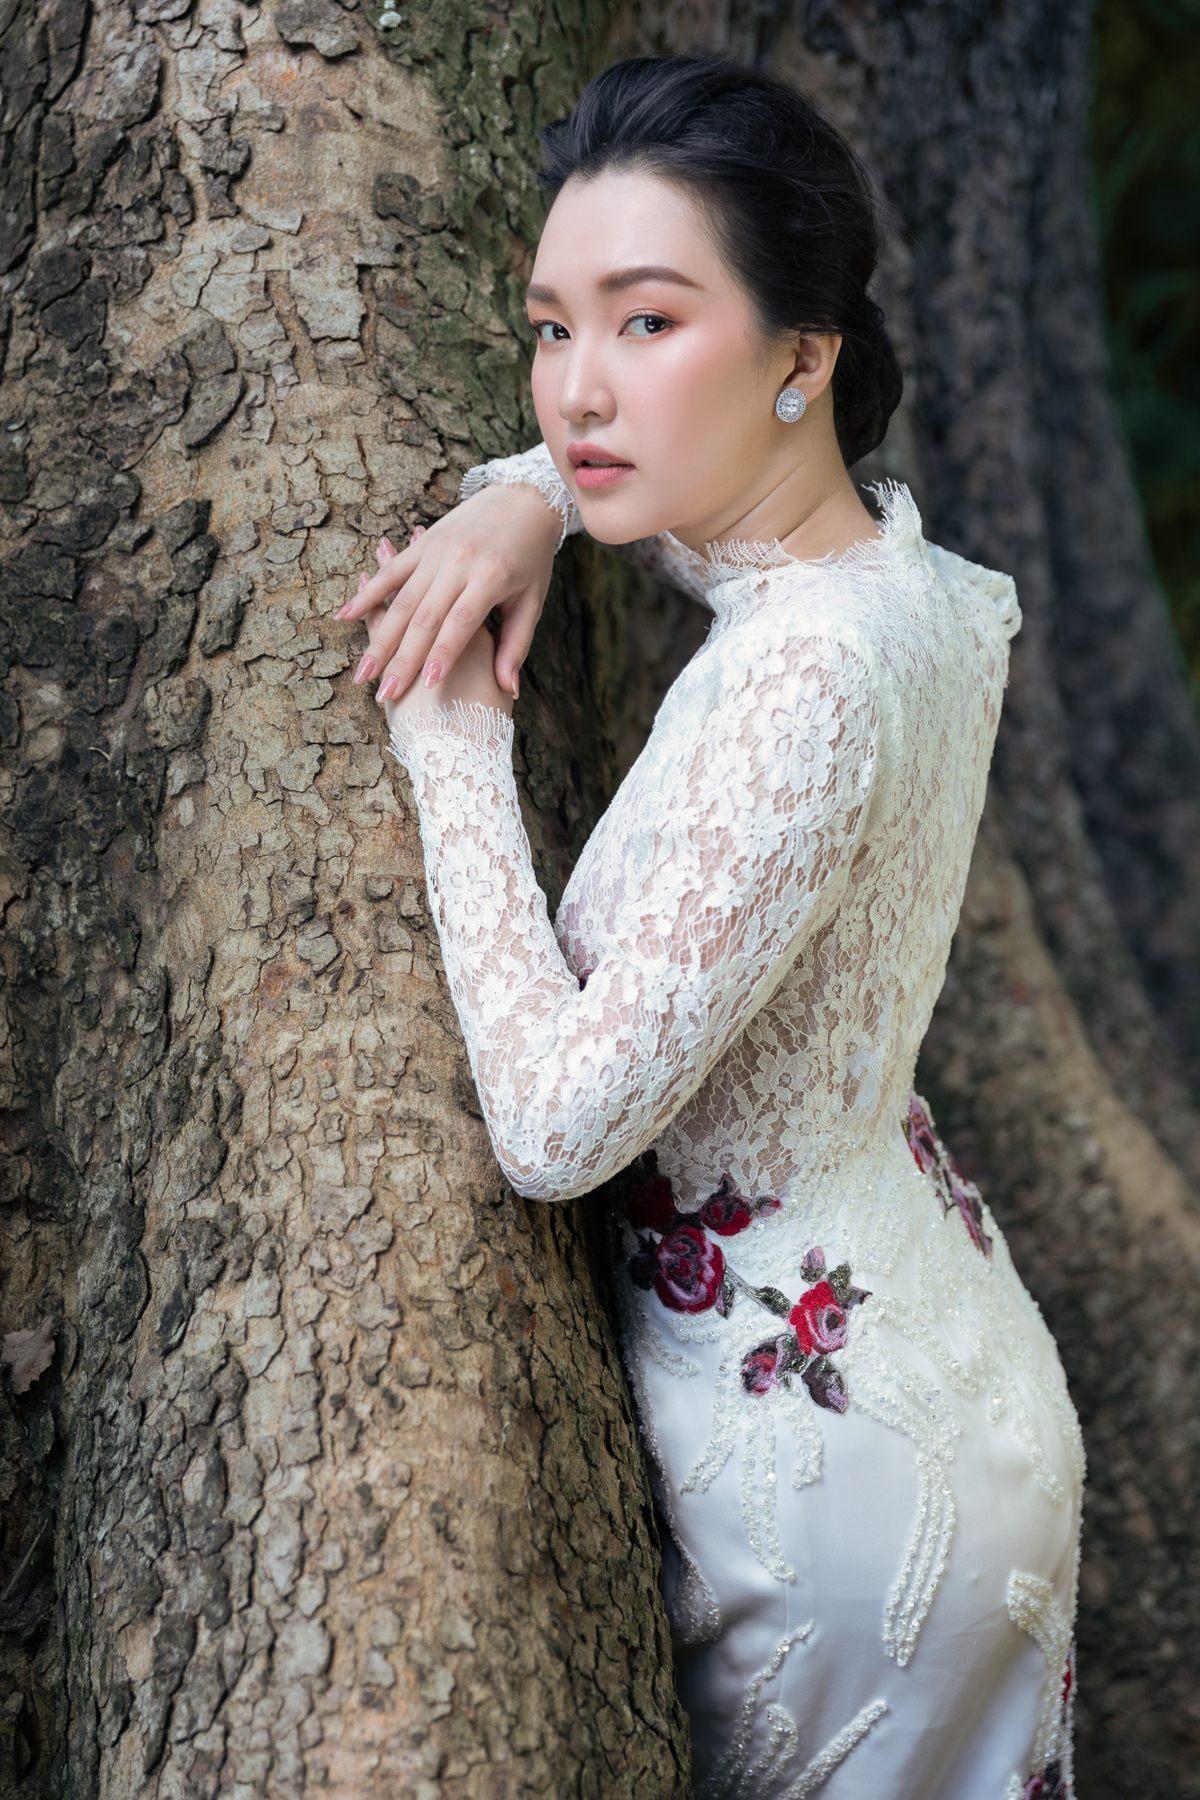 'Nàng thơ xứ Huế' Ngọc Trân cuốn hút với nét mơ màng trong loạt váy áo e ấp Ảnh 16